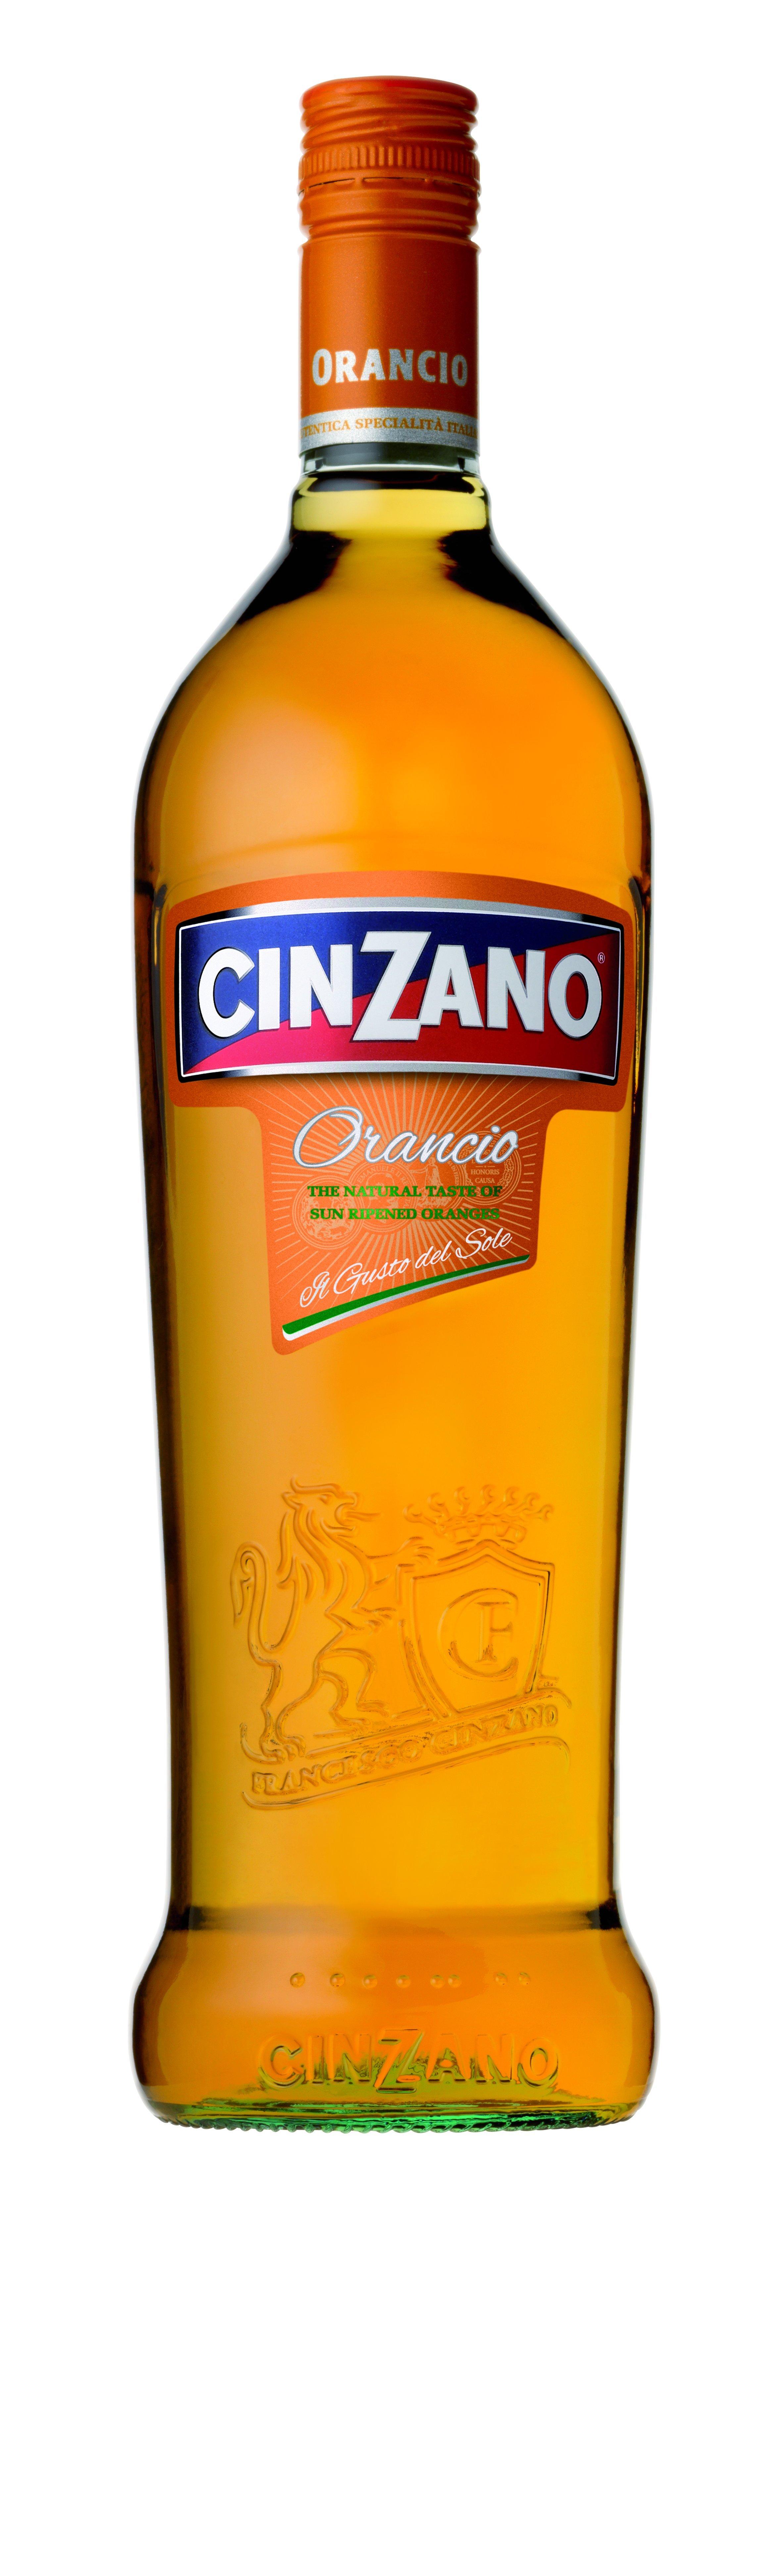 Cinzano Orangio